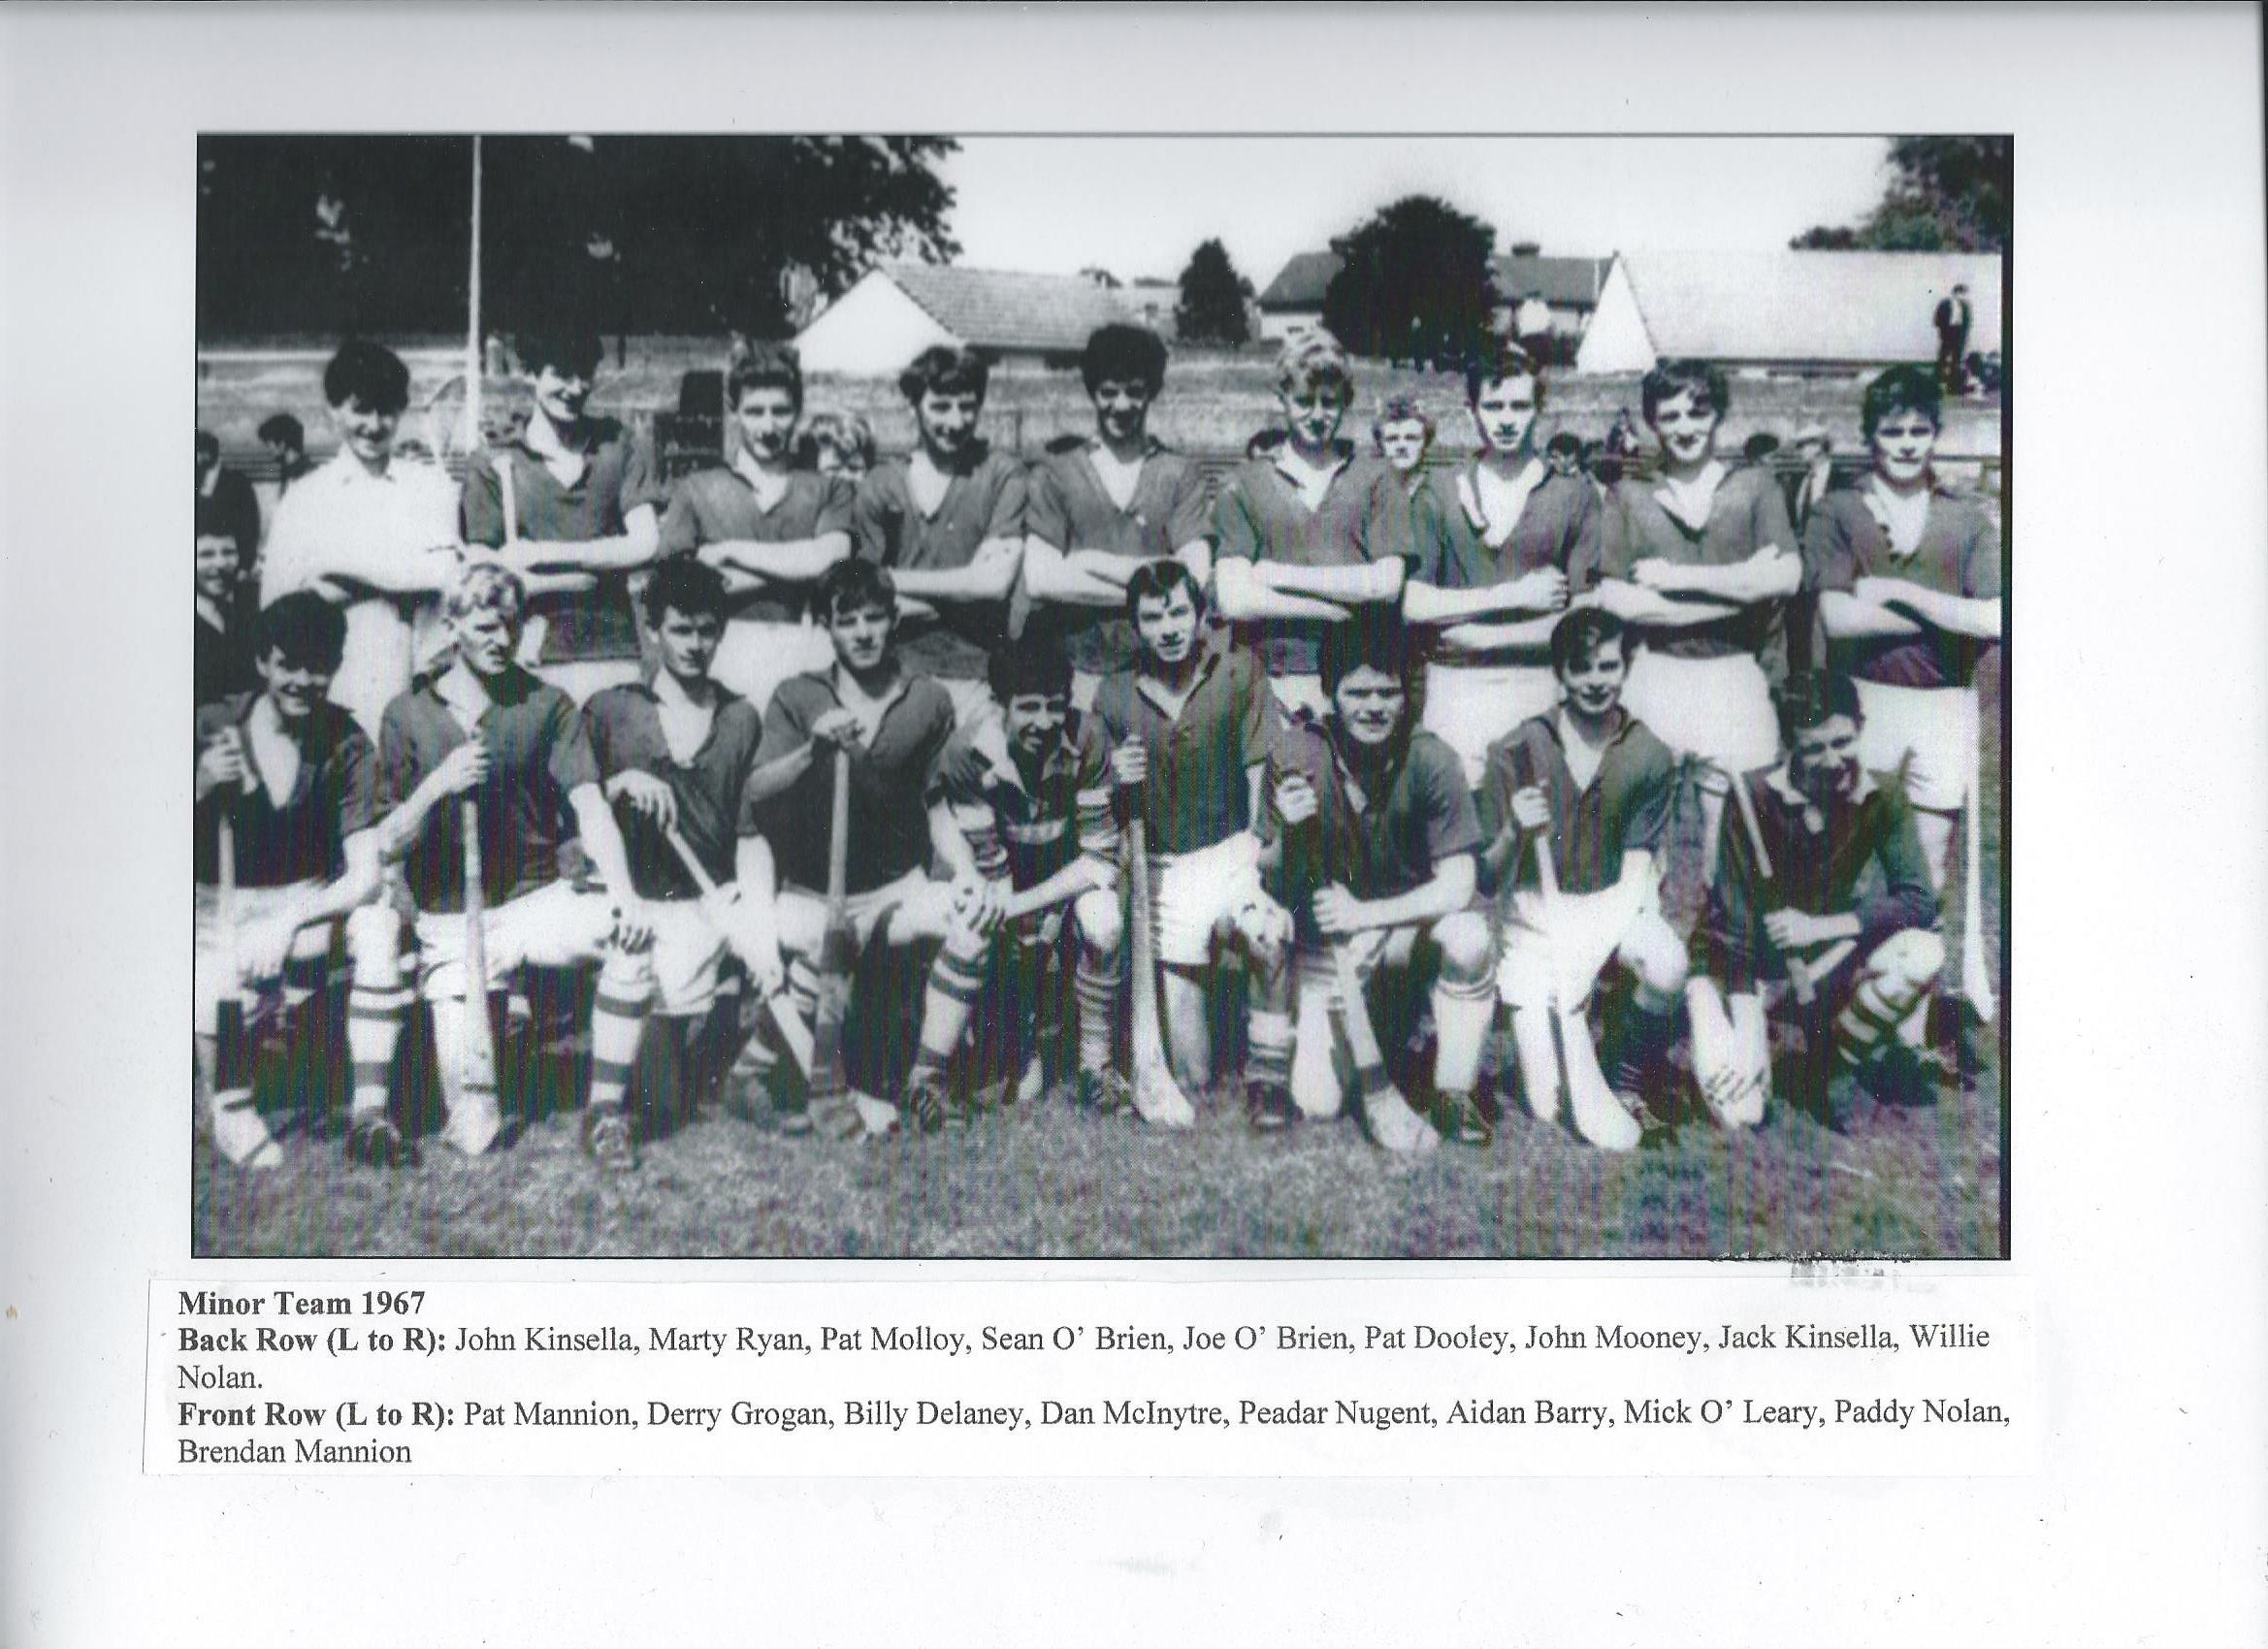 Drumcullen Minor Team - 1967